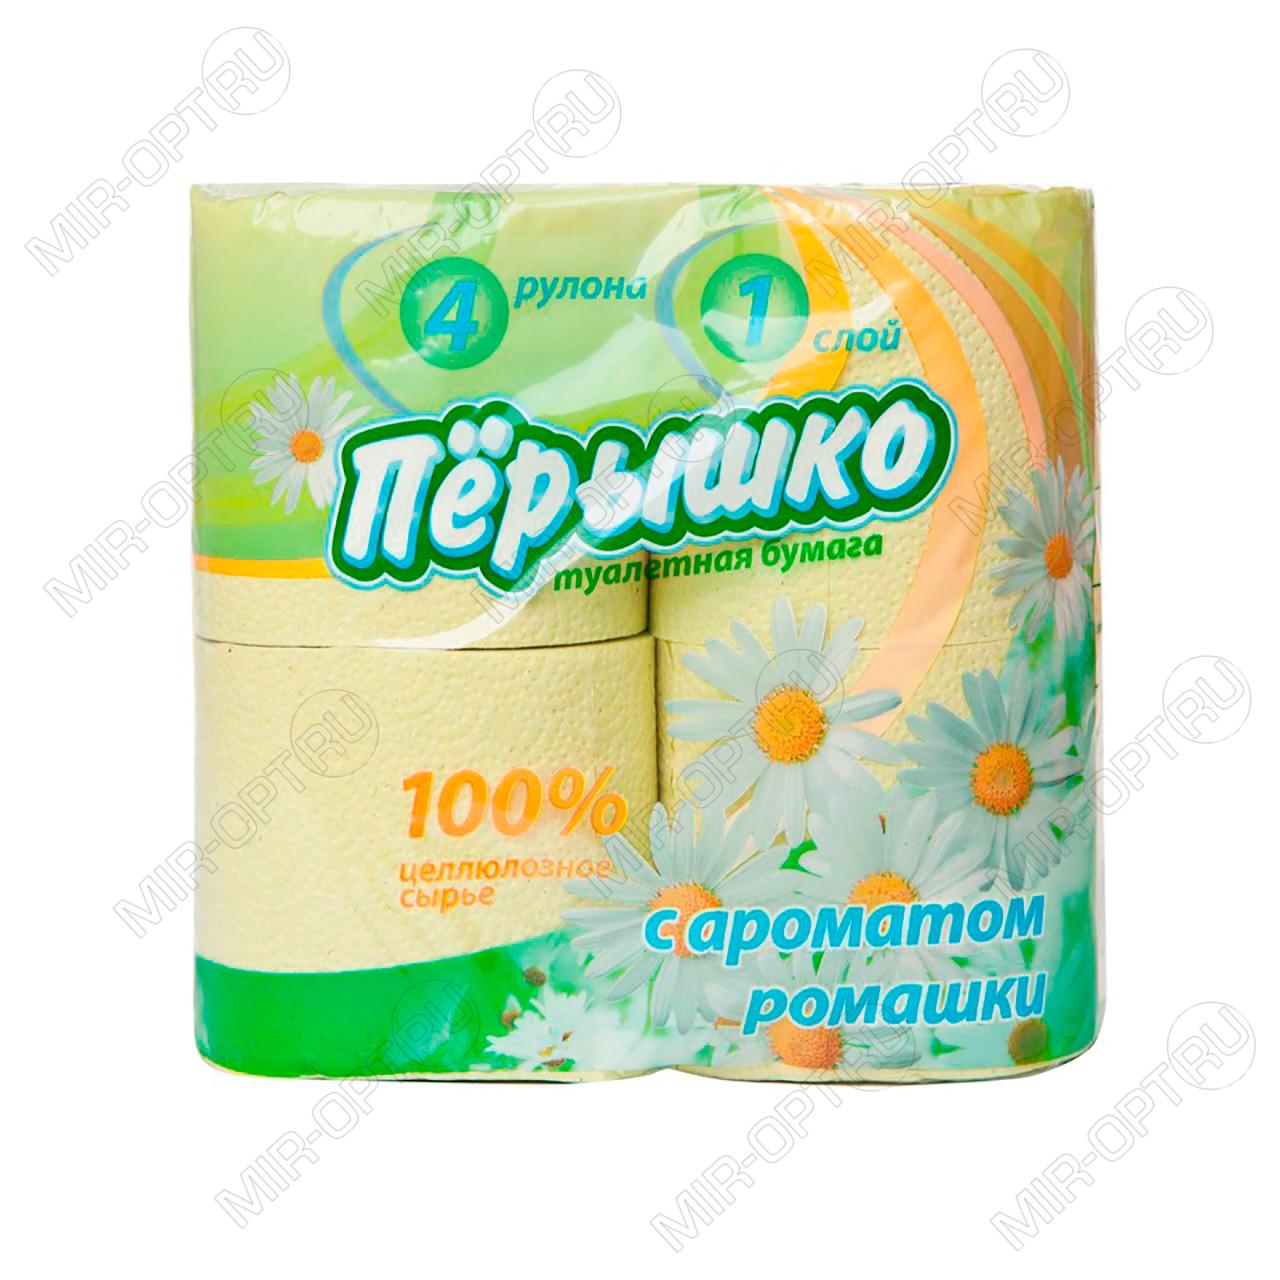 Туалетная бумага плюс как она называется по русски